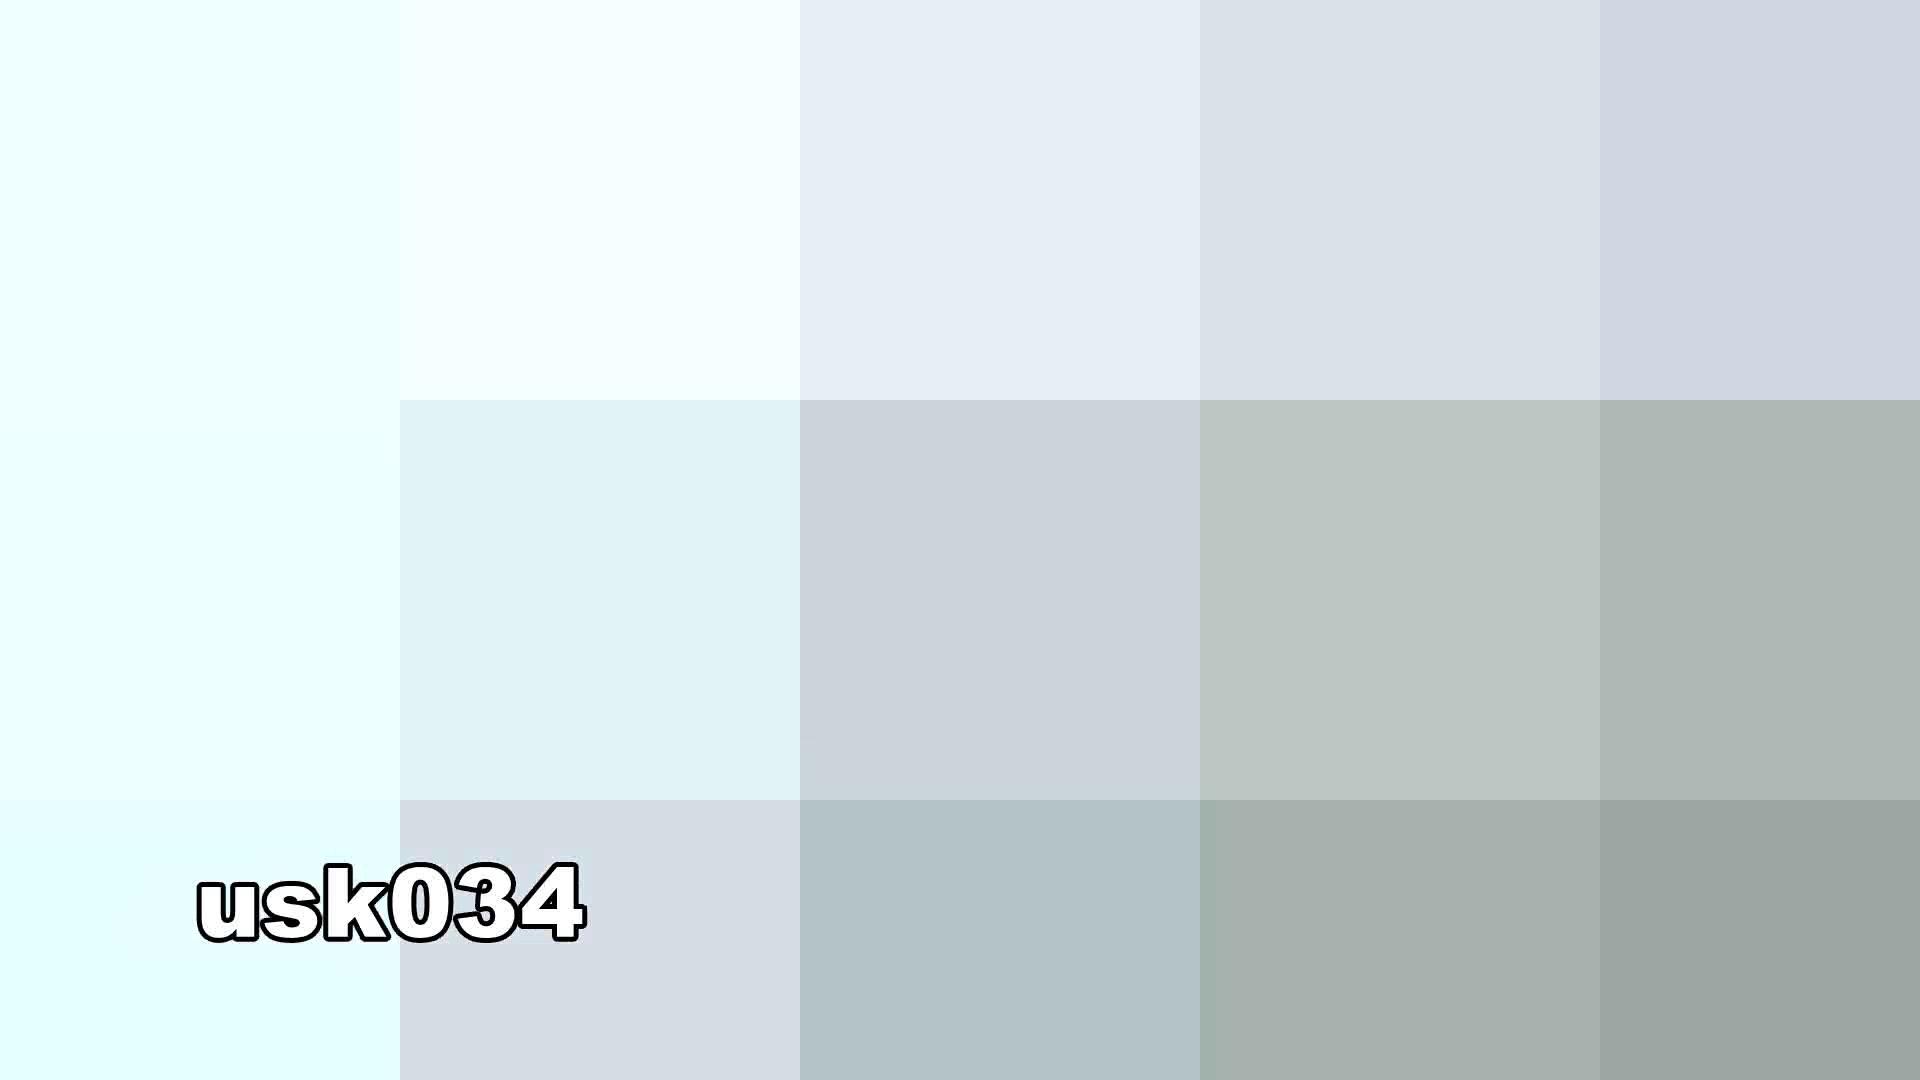 洗面所特攻隊 vol.034 ビリッ!→キュッ!→180g 0  87連発 80